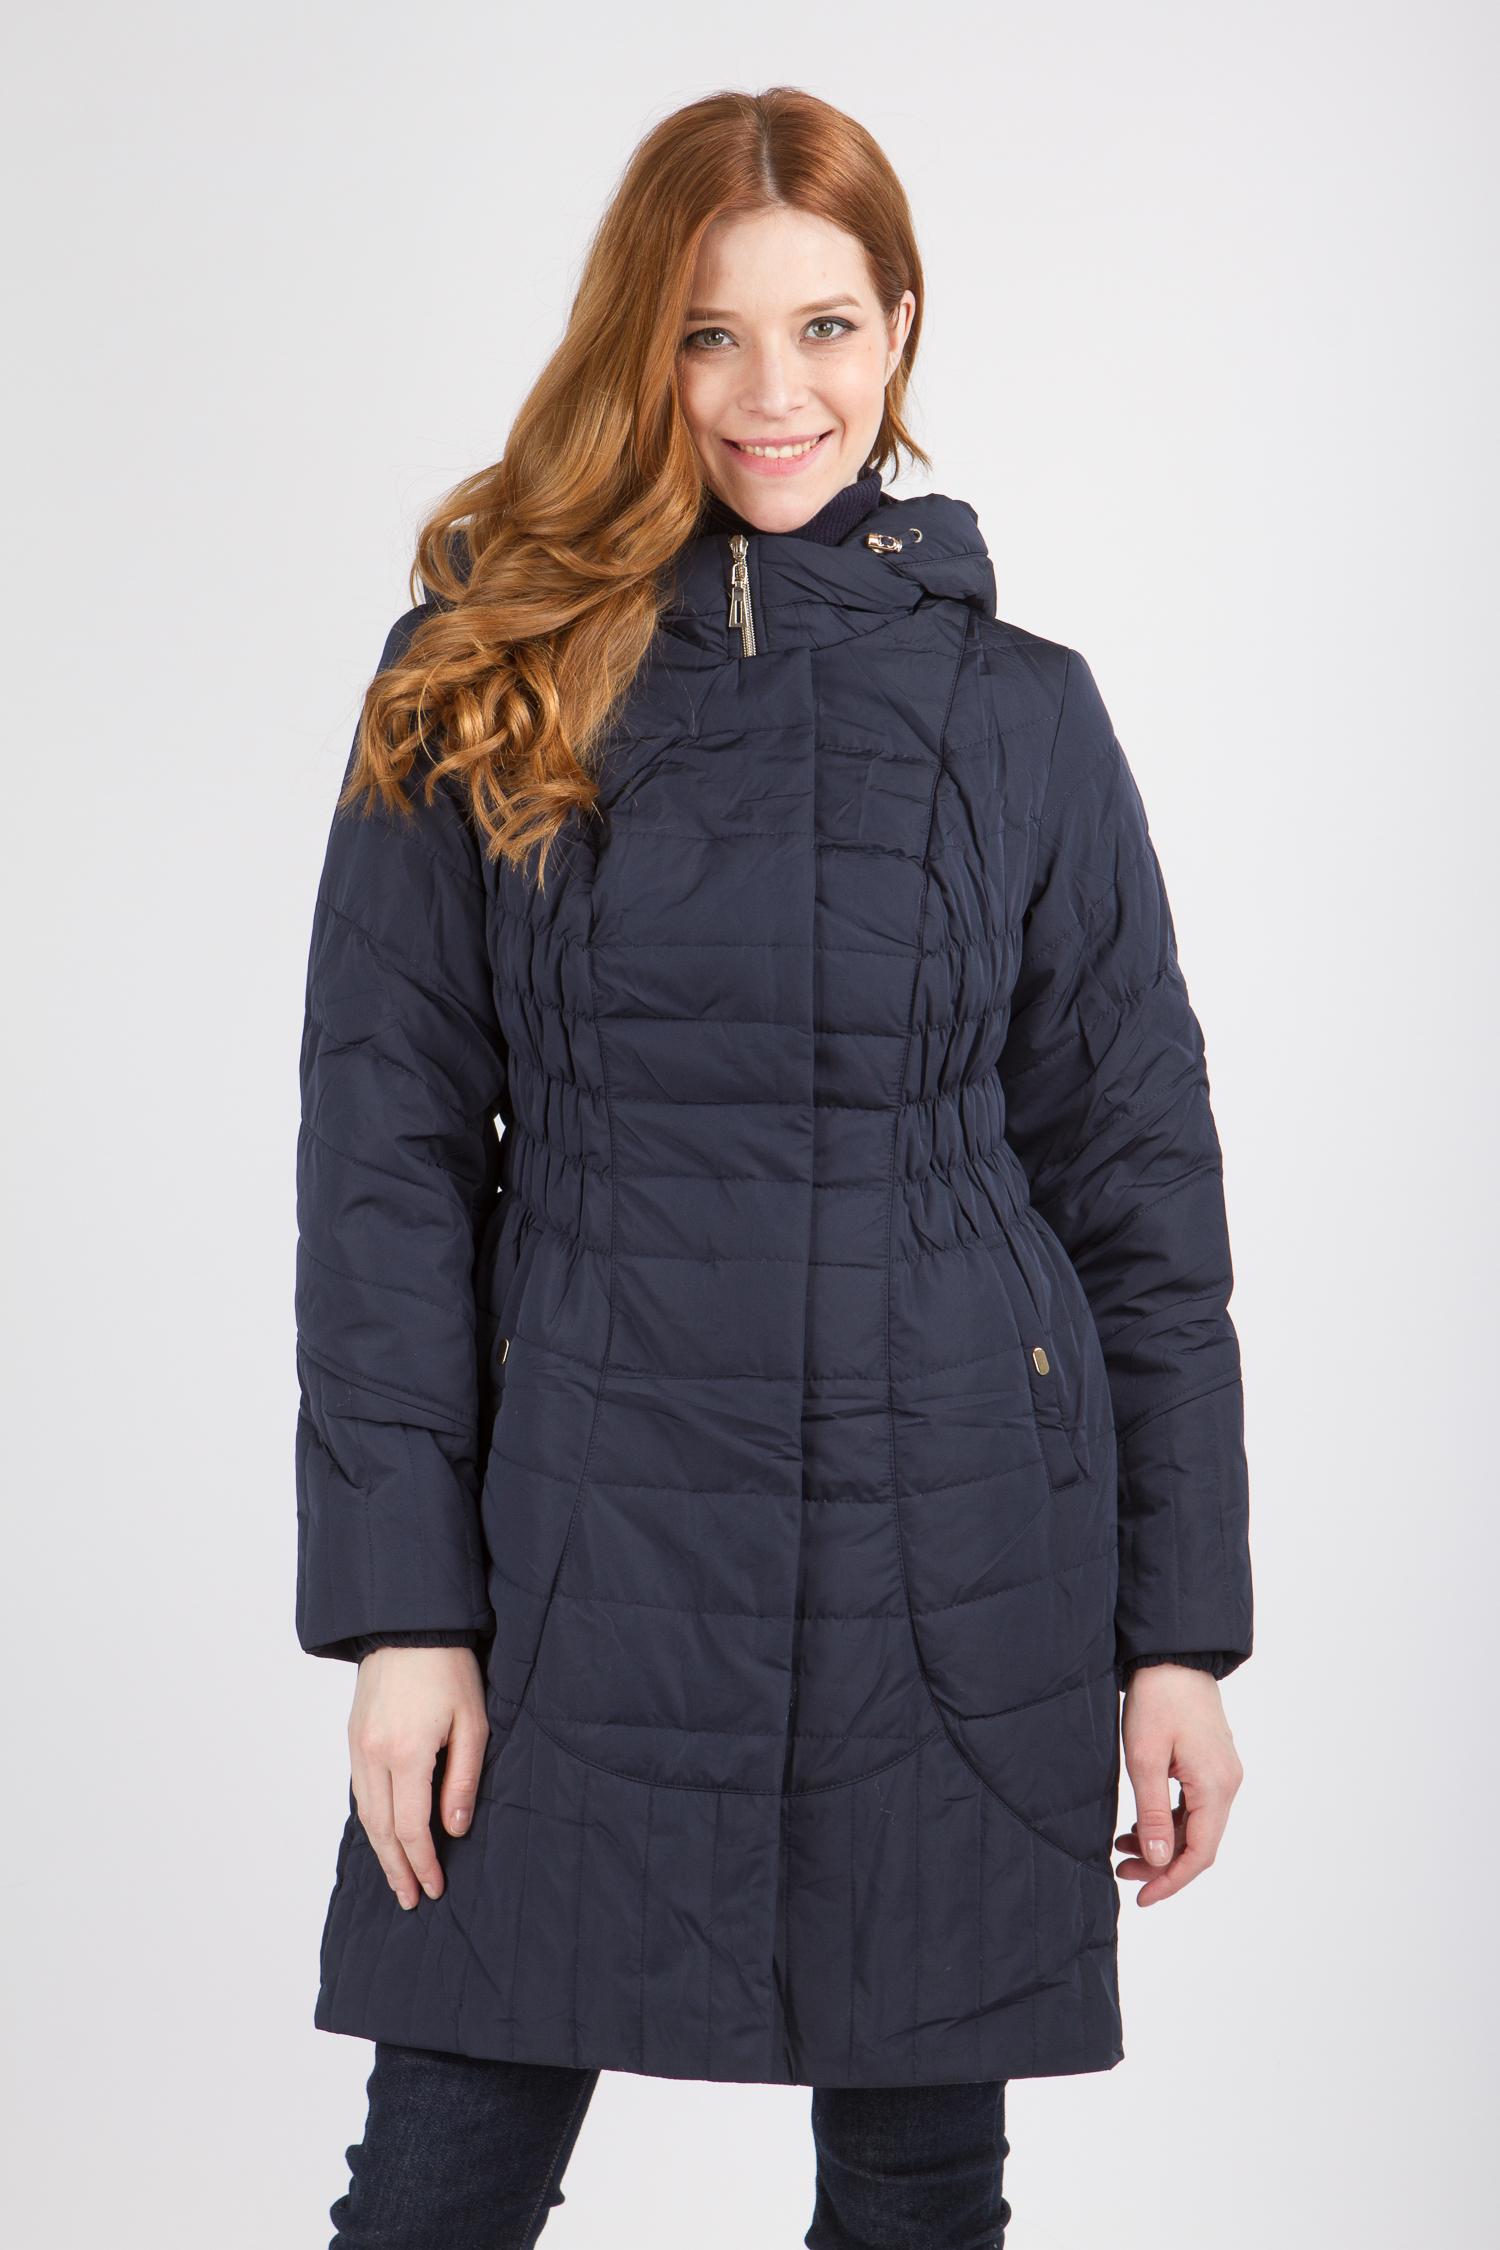 Купить со скидкой Пальто женское из текстиля с капюшоном, без отделки